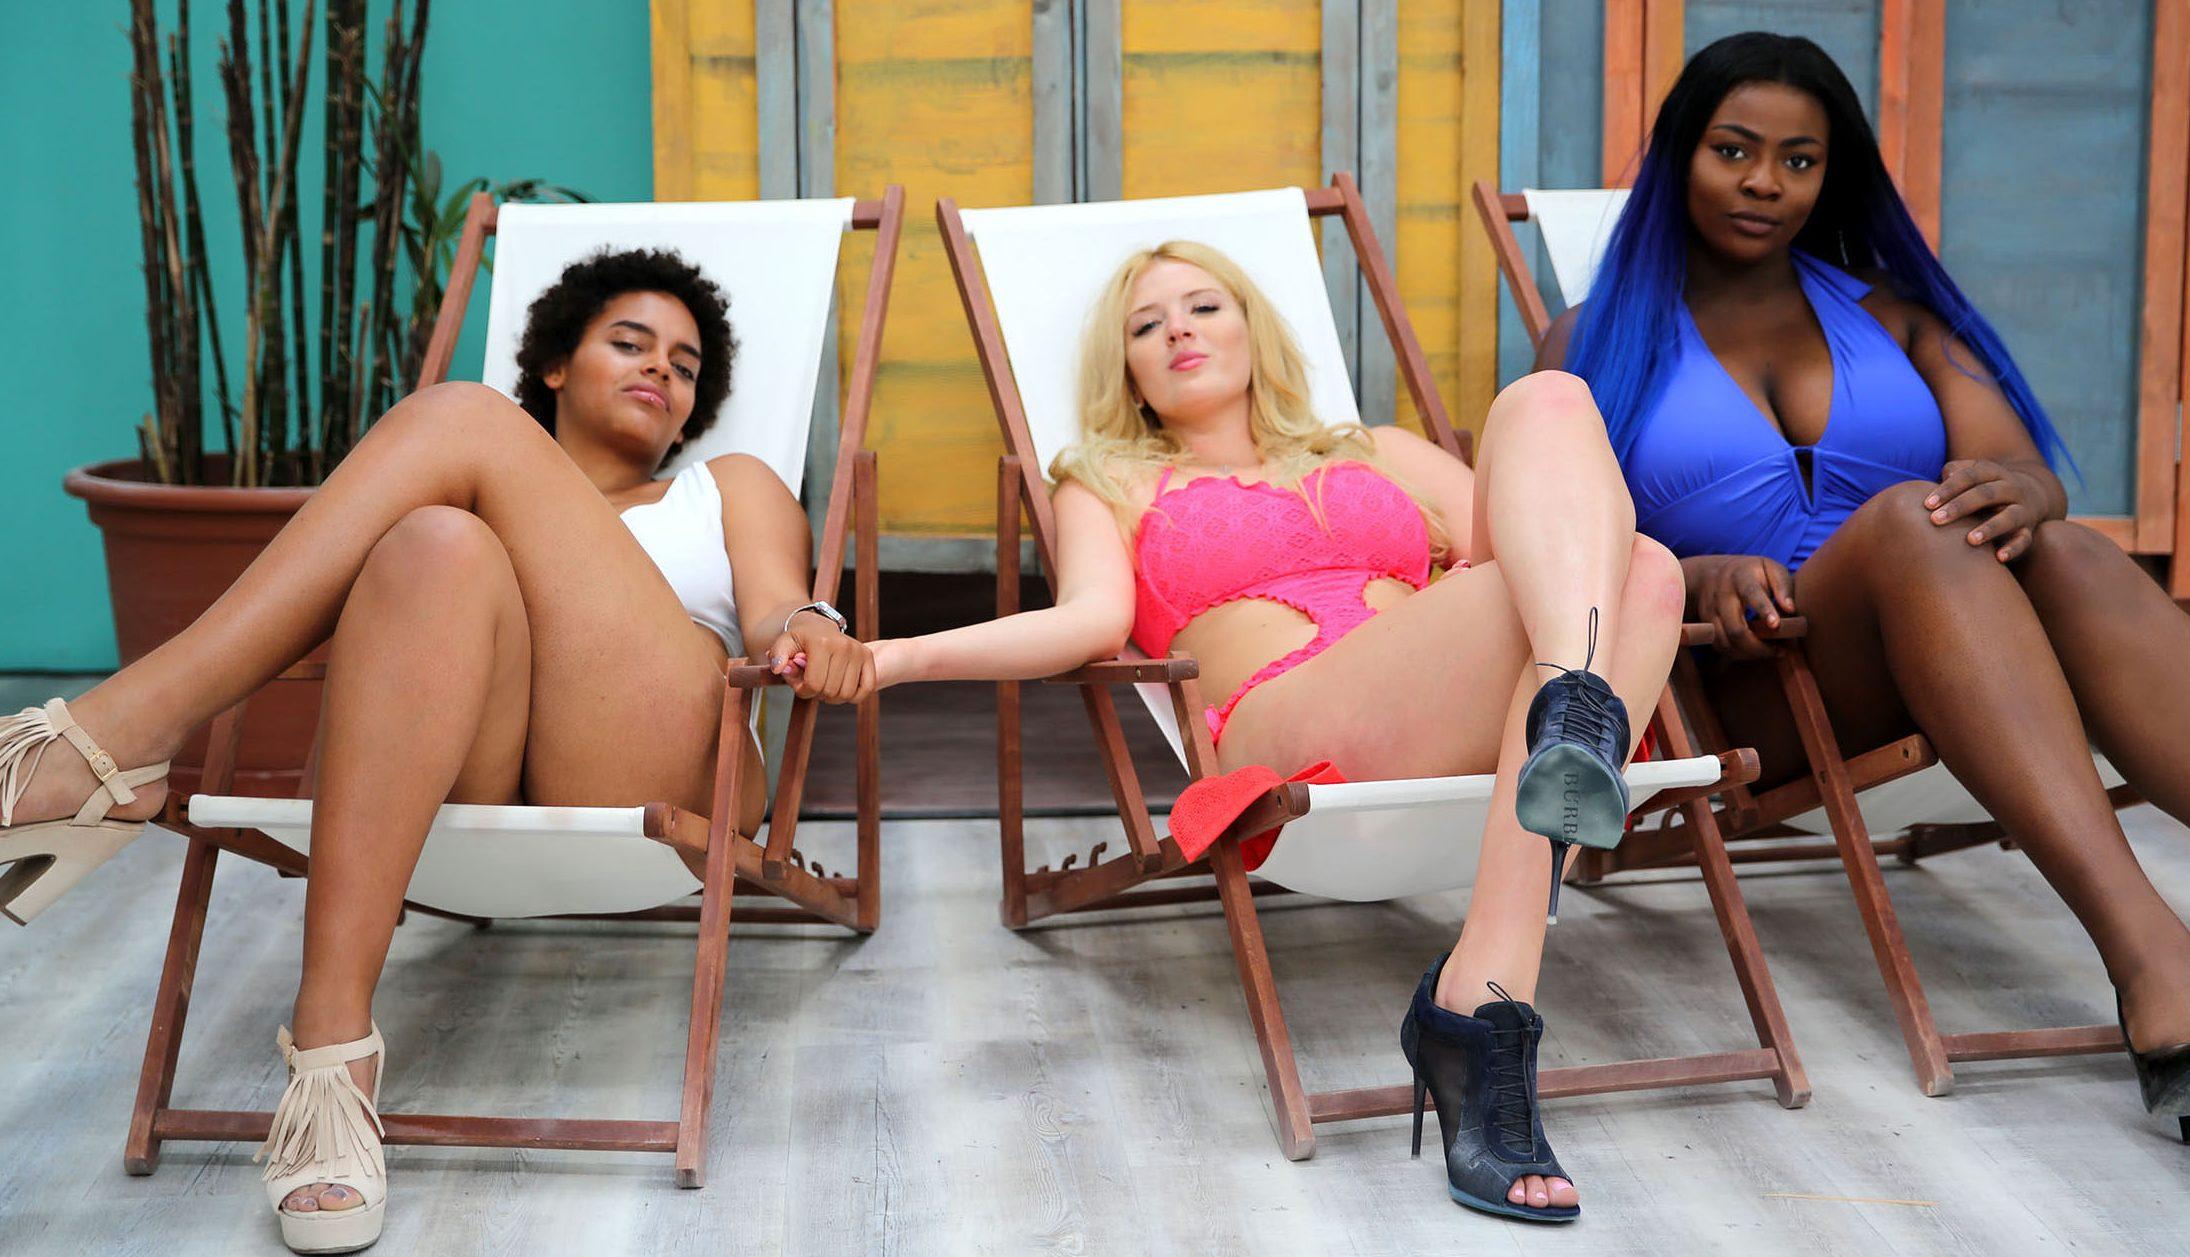 v.li.: Lara, Polina, Aurelie - Bild: RTL II